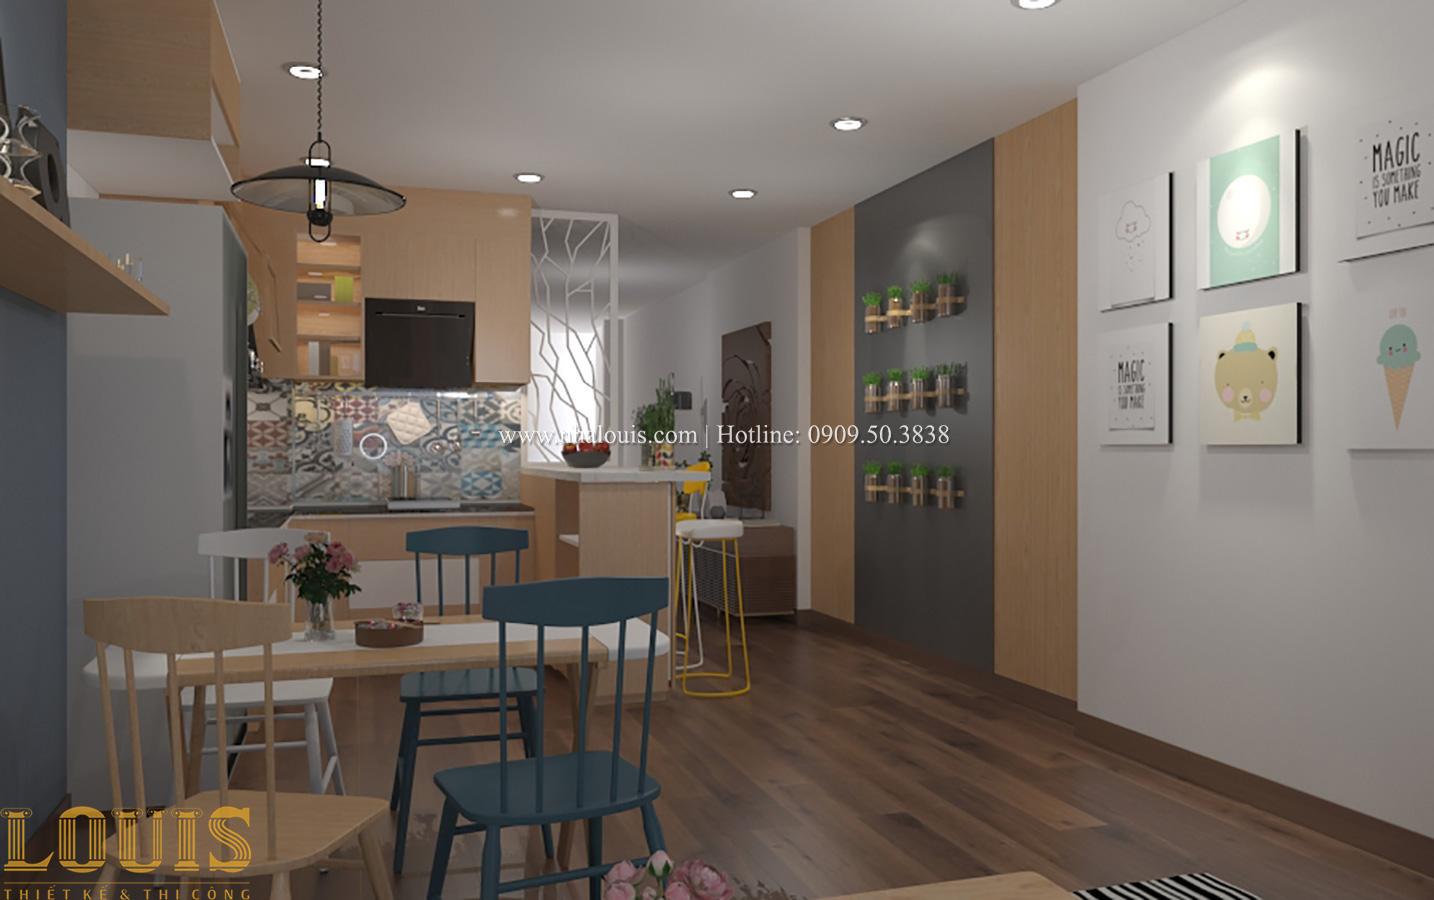 Bếp và phòng ăn Tư vấn thiết kế mẫu nhà đẹp 4x20m hiện đại và sang trọng tại quận 8 - 32